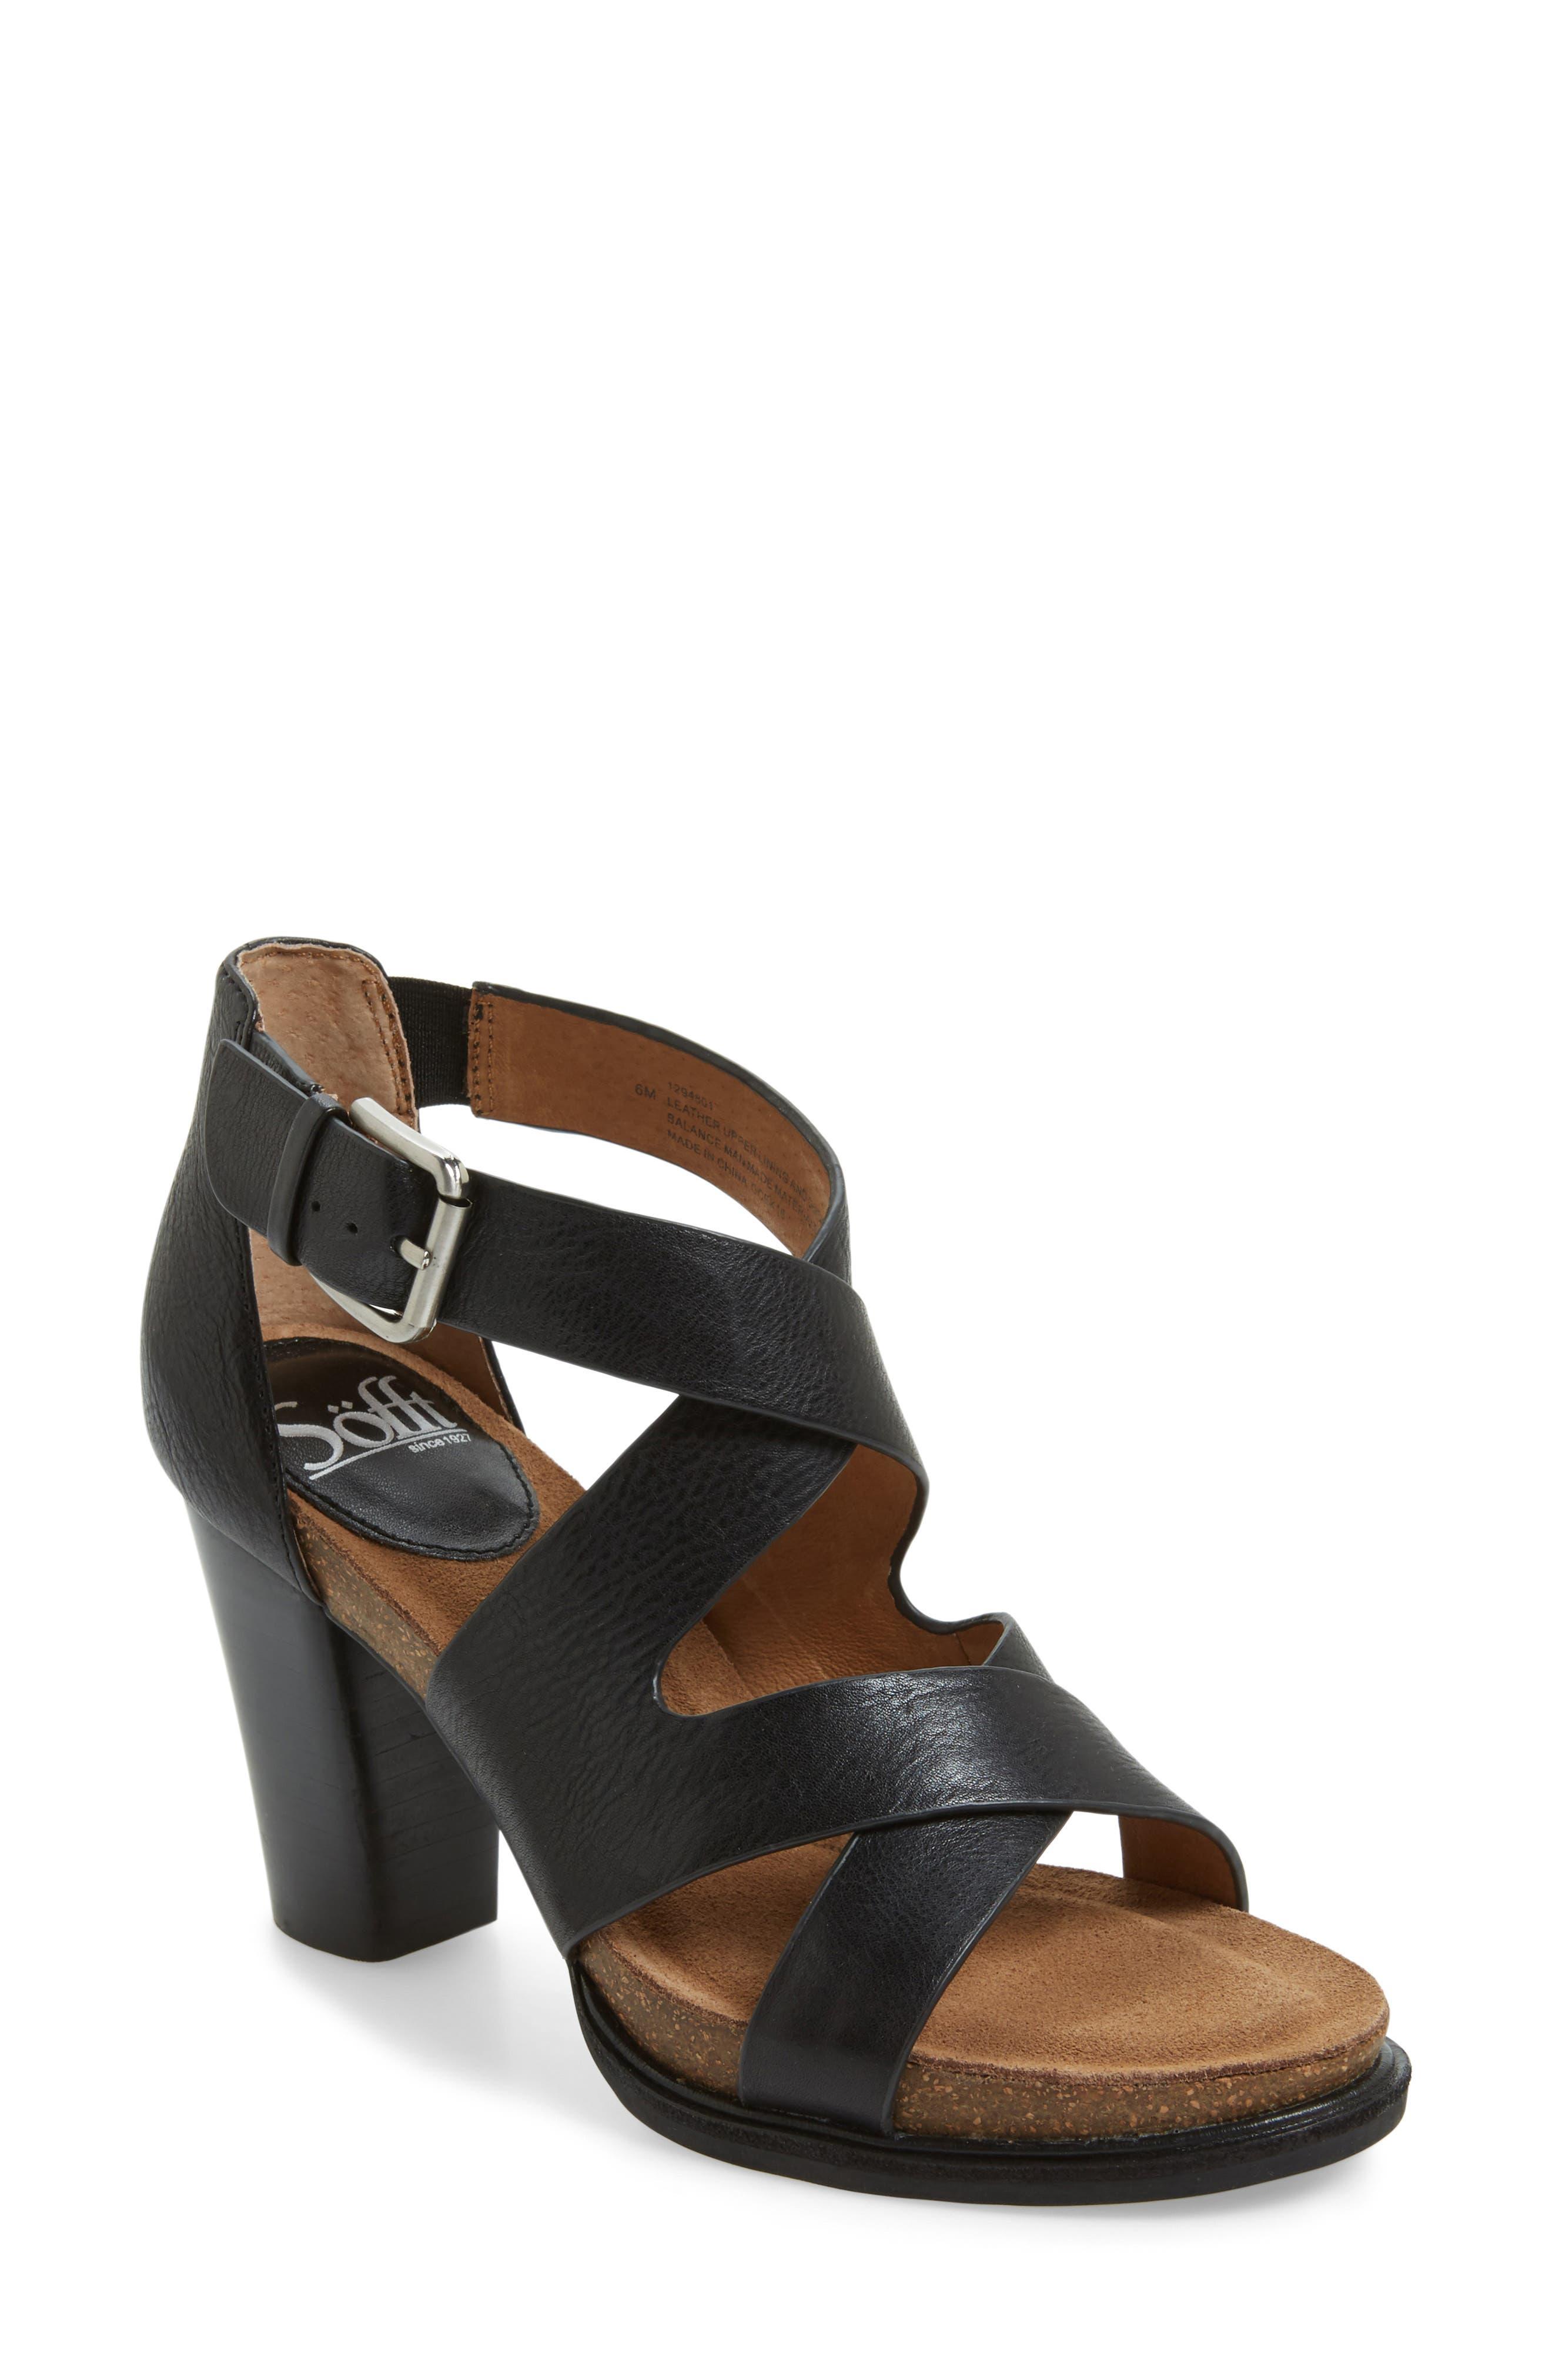 Canita Block Heel Sandal,                         Main,                         color, 001